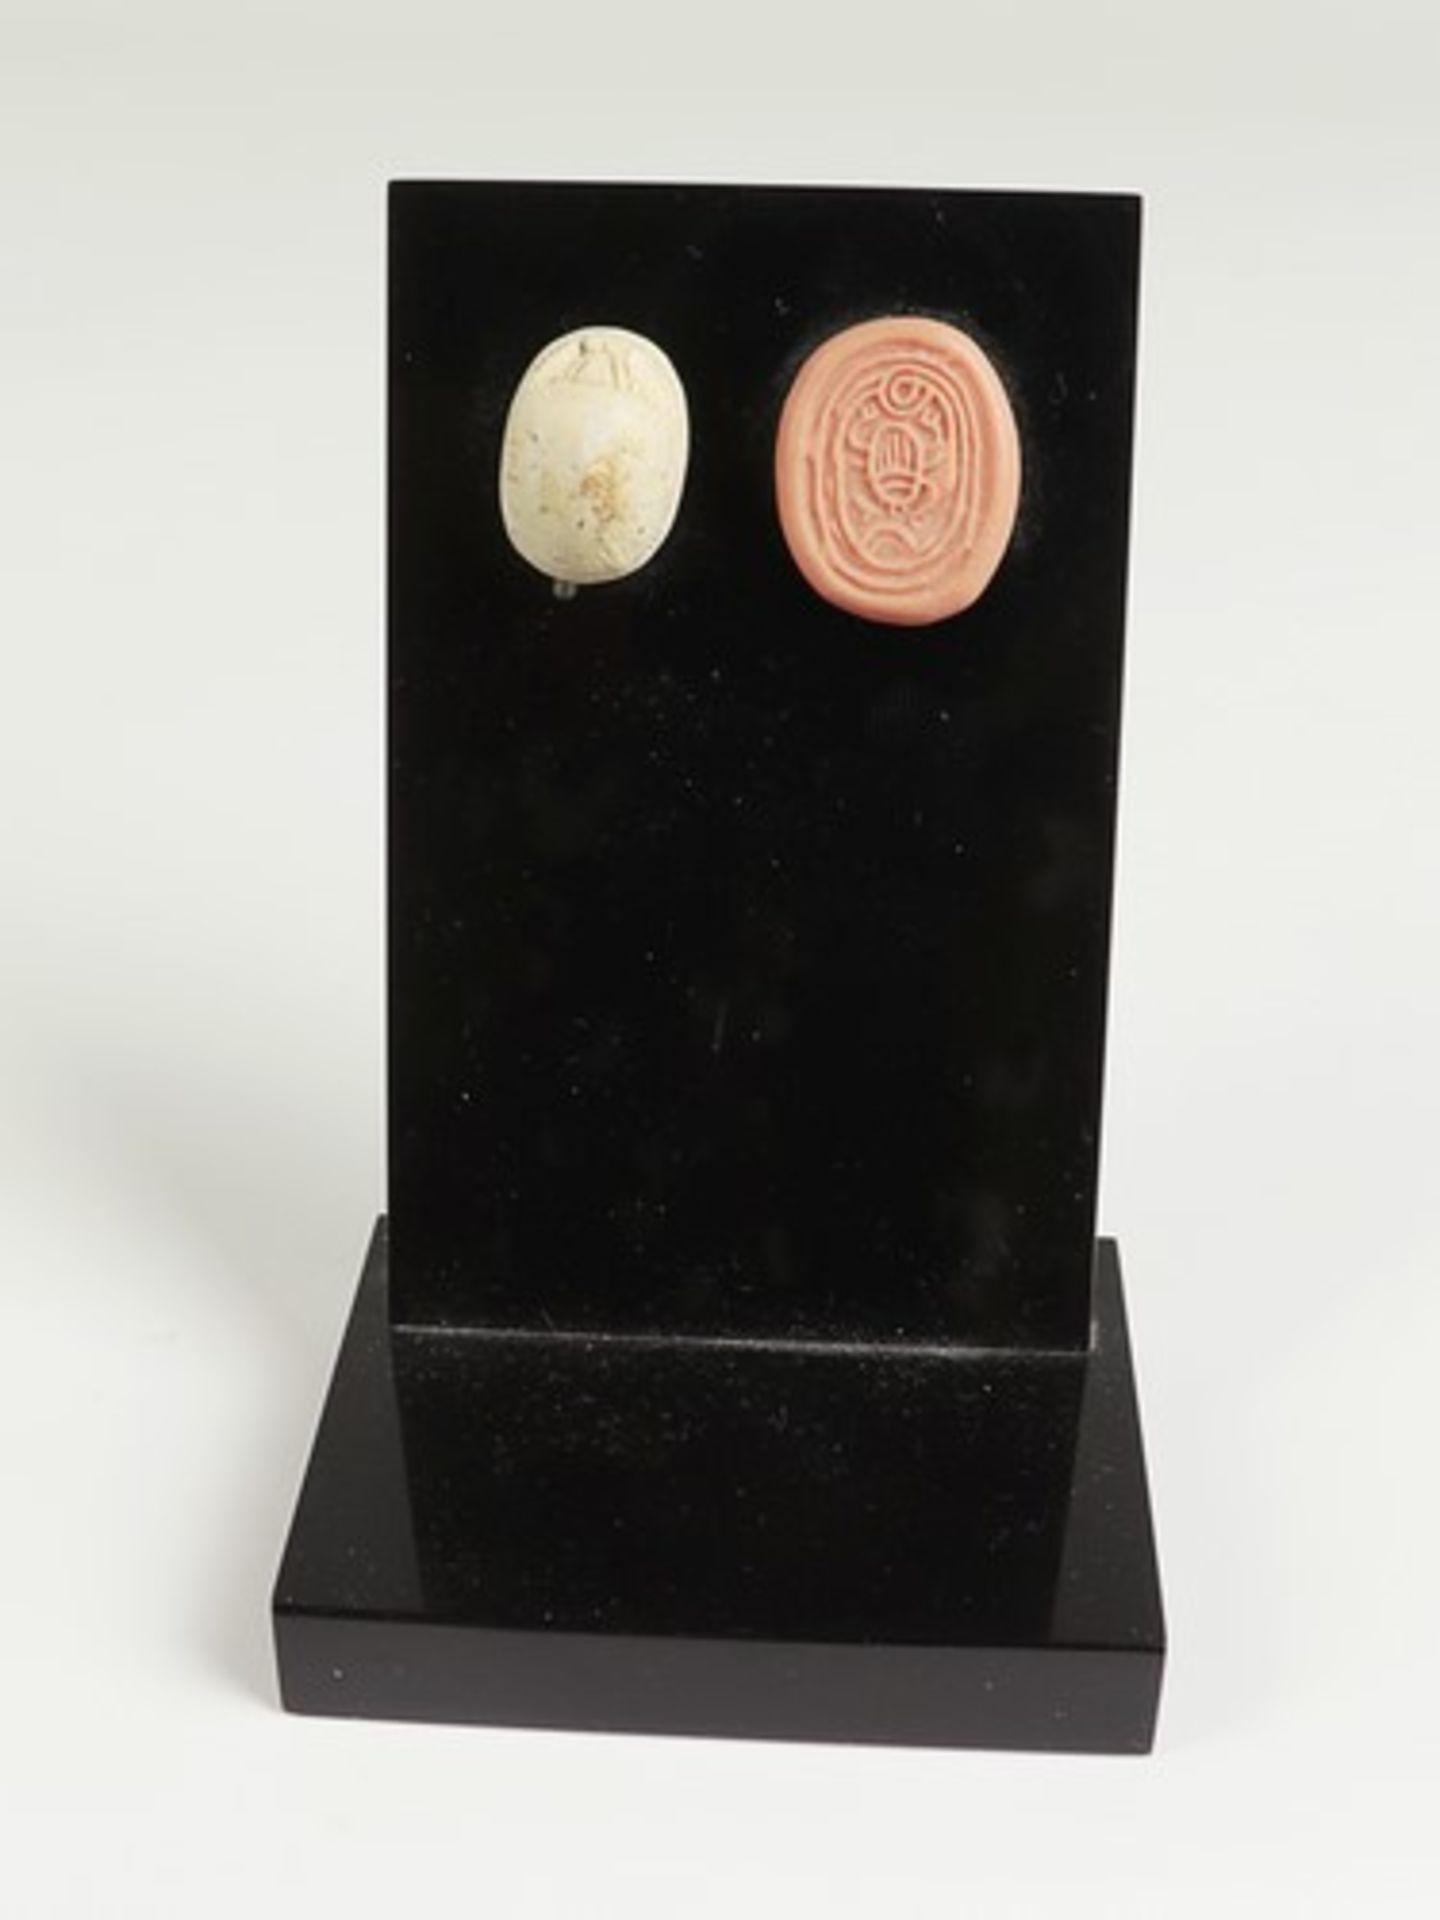 Los 1861 - Skarabäusum 1500 v. Chr. Ägypten, Steatit, rs. mit dem Abbild eines Skarabäus graviert, vgl. Rowe